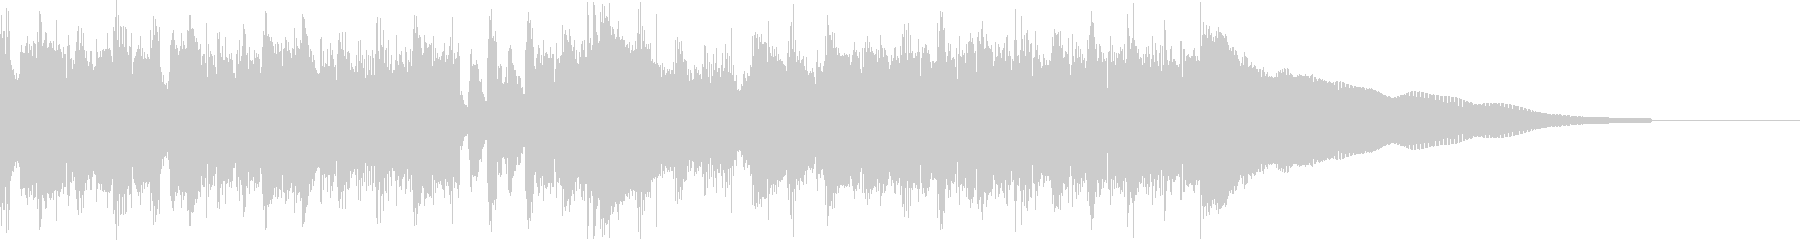 カントリー風ギターイントロ−07Dの未再生の波形